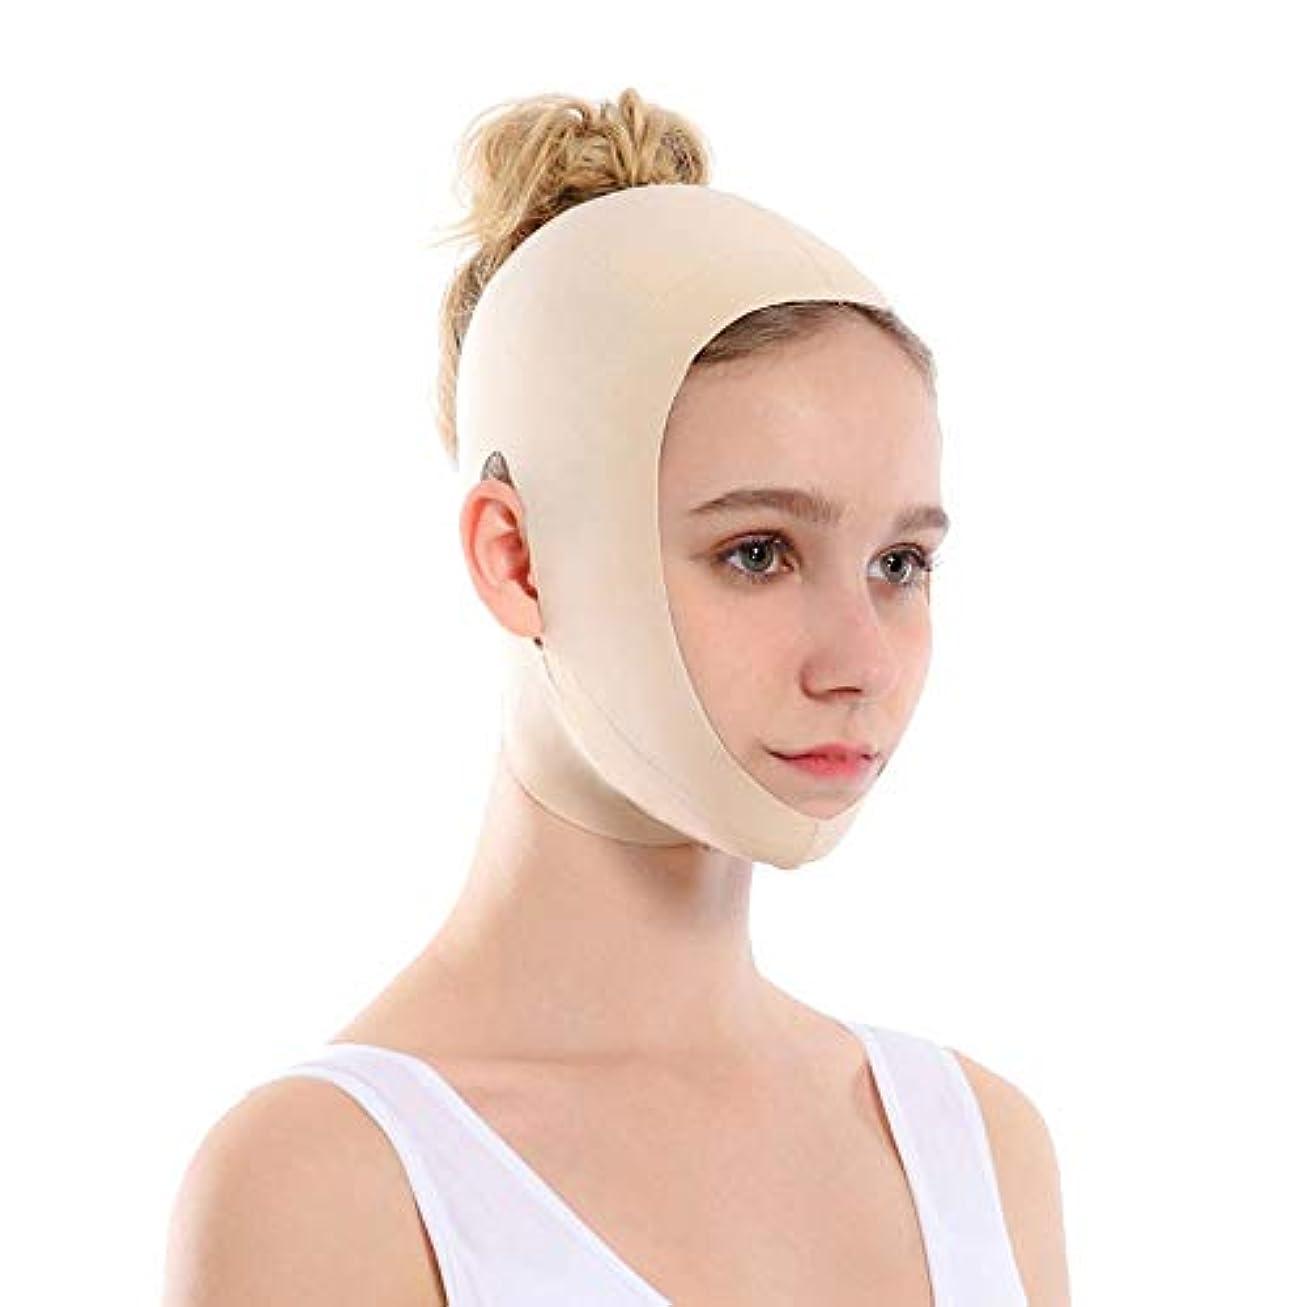 努力気楽な疼痛Jia Jia- 顔を持ち上げるアーティファクトVフェイス包帯リフティング引き締め睡眠薄い顔を整形持ち上げる顔を二重あご矯正 - 肌の色 顔面包帯